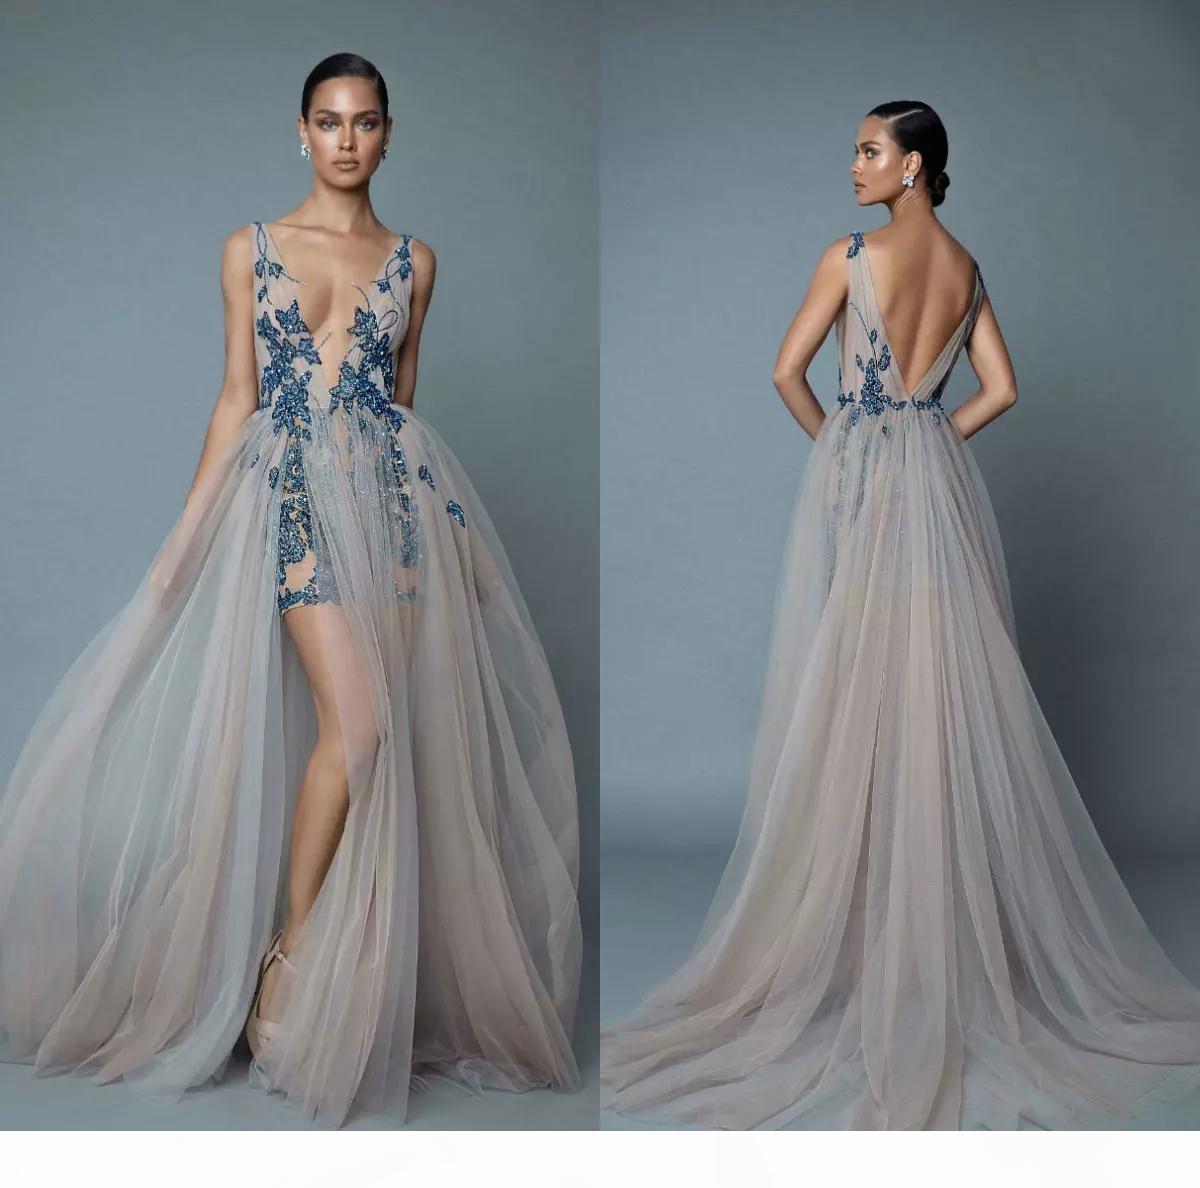 Berta Formale Kleider Party Tragen Abendkleider Günstige Abschlussballkleid Pageant Kleider Spitze Vestidos de Noiva V-Ausschnitt Side Split